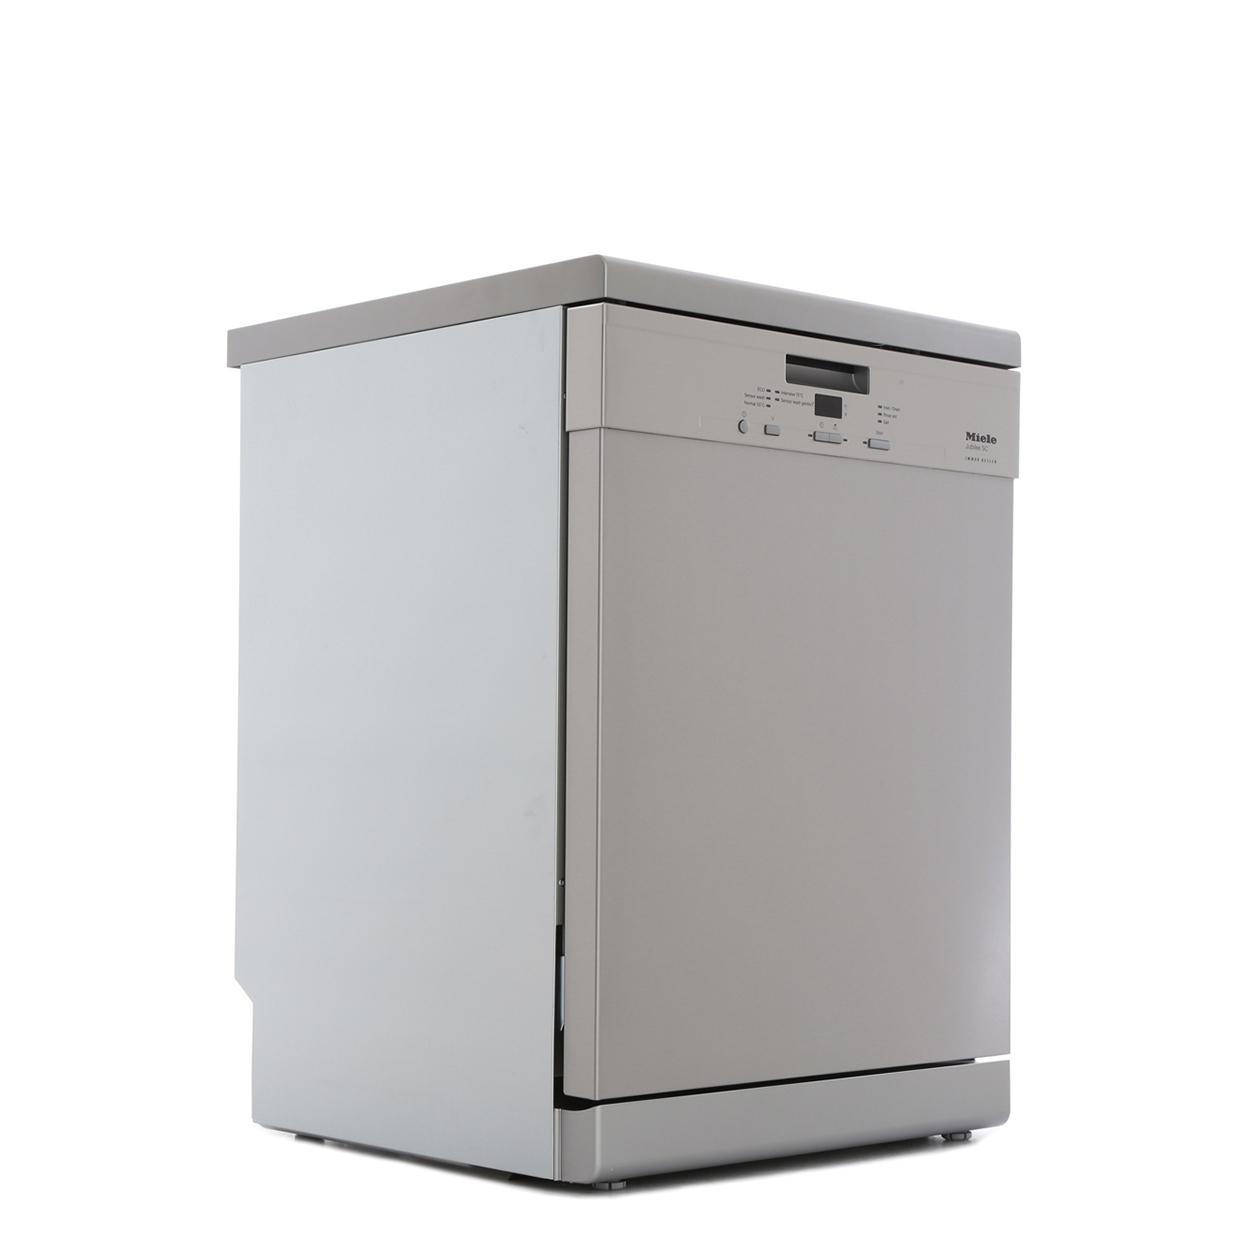 buy miele g4940sc jubilee cleansteel dishwasher g4940scjubileec marks electrical. Black Bedroom Furniture Sets. Home Design Ideas